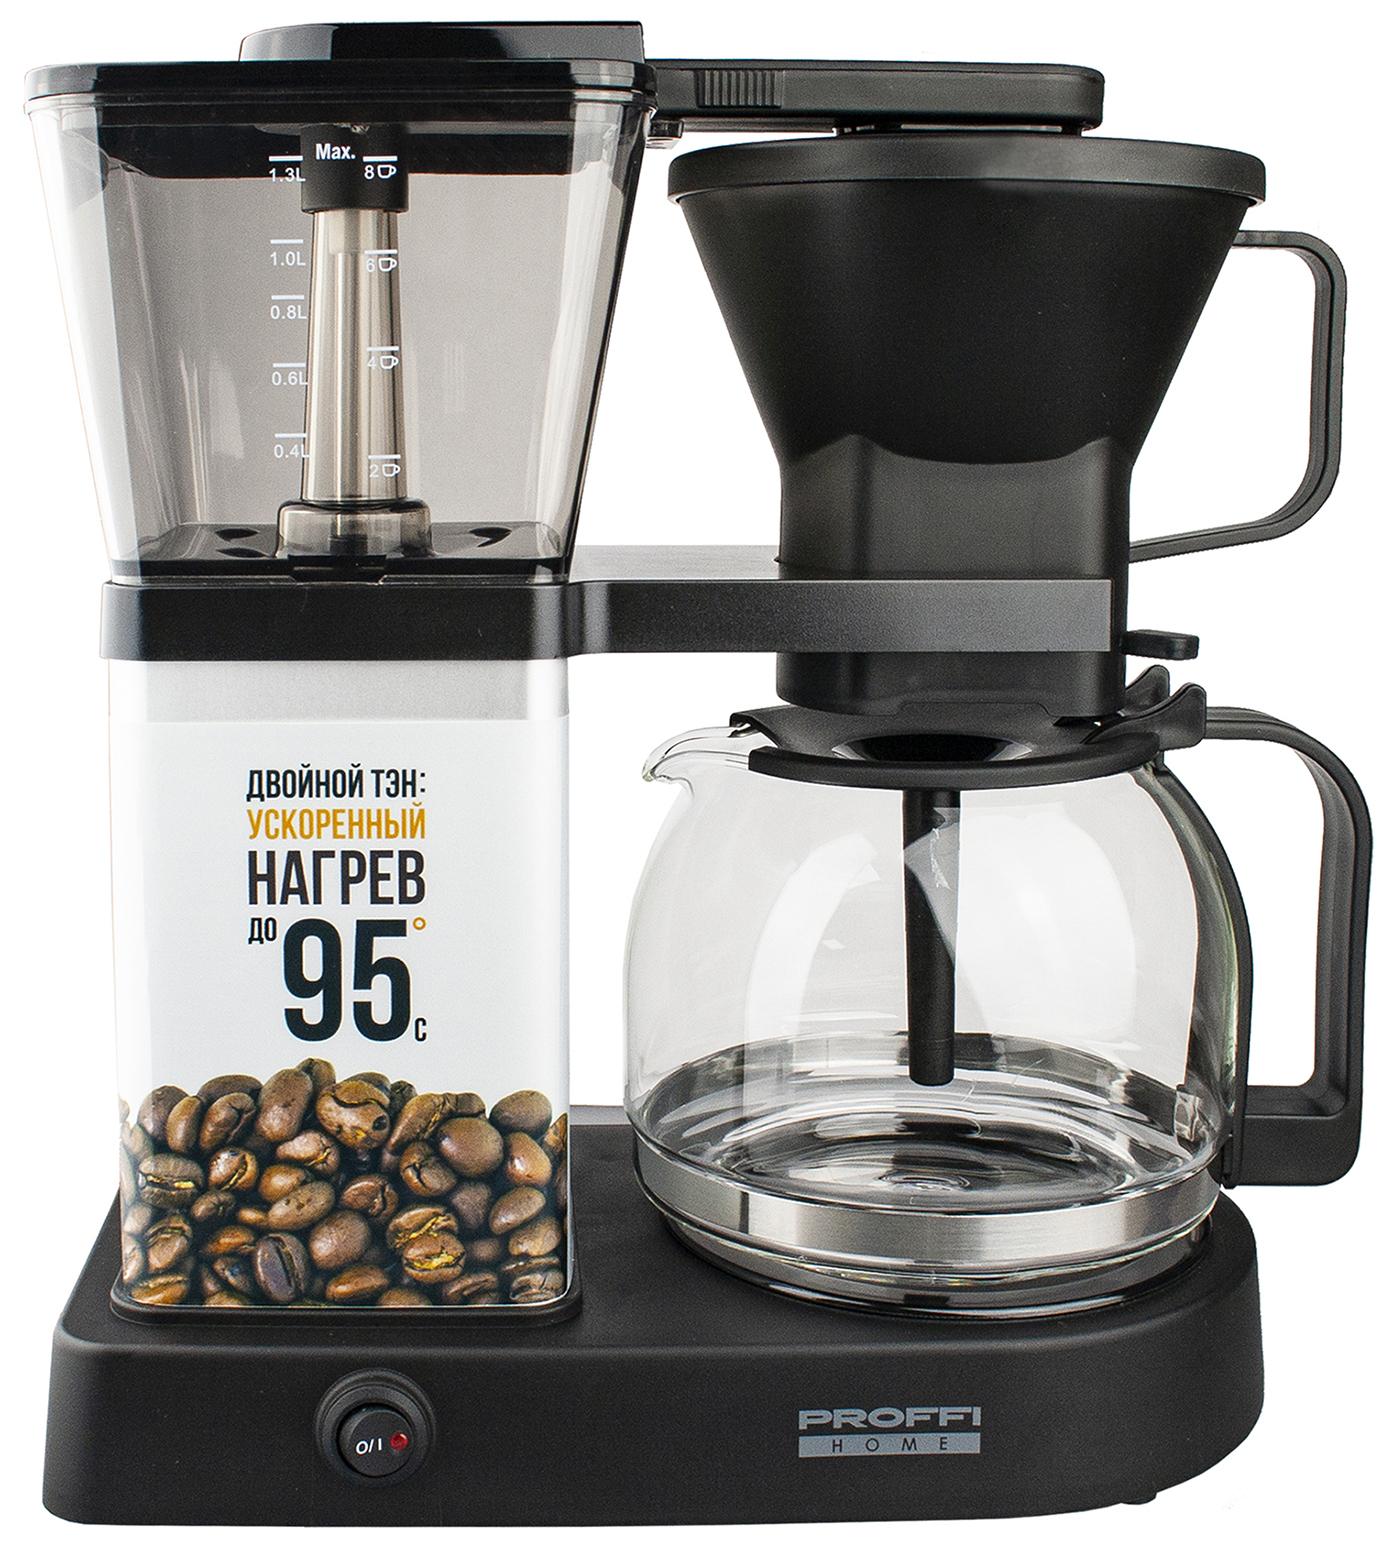 Кофеварка капельного типа - одна из самых распространенных моделей, которая отличается не только простотой эксплуатации, но и доступной ценой. В данной модели кофеварки приготовление кофе осуществляется при помощи кипящей воды, медленно капающей на сменный фильтр с кофейным порошком. Напиток образуется при стекании воды в кофейник.Капельная кофеварка EXPRESS от PROFFI отличается такими неоспоримыми достоинствами, как антикапельная система и функция поддержания температуры готового напитка. Объема кофе, приготовленного в данной модели хватит на 8 чашек.Прозрачный резервуар для воды с индикацией уровня из боросиликатного стекла избавят Вас от неприятных сюрпризов в работе кофеварки.Преимущества кофеварки капельного типа EXPRESS от PROFFI:ускоренный нагрев (20 секунд);варит кофе при температуре 95C;двойной нагревательный элемент;съемный держатель фильтра.